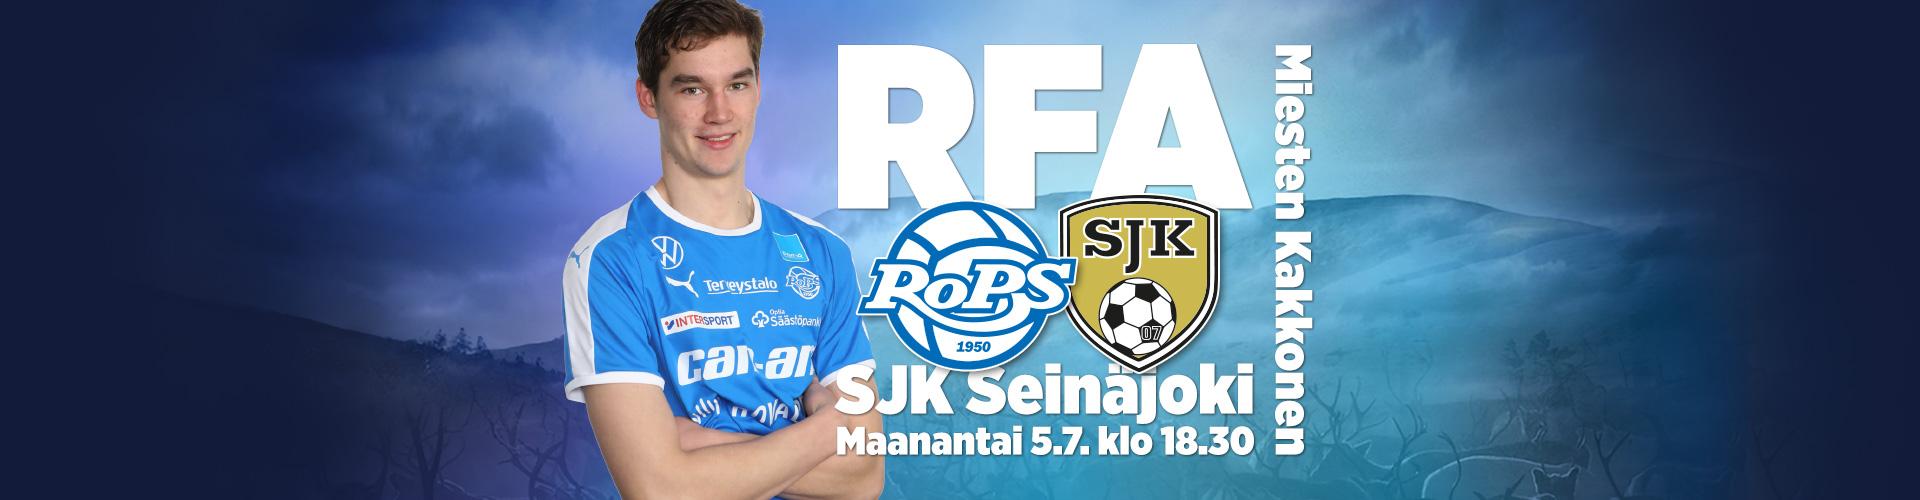 RFA-SJK